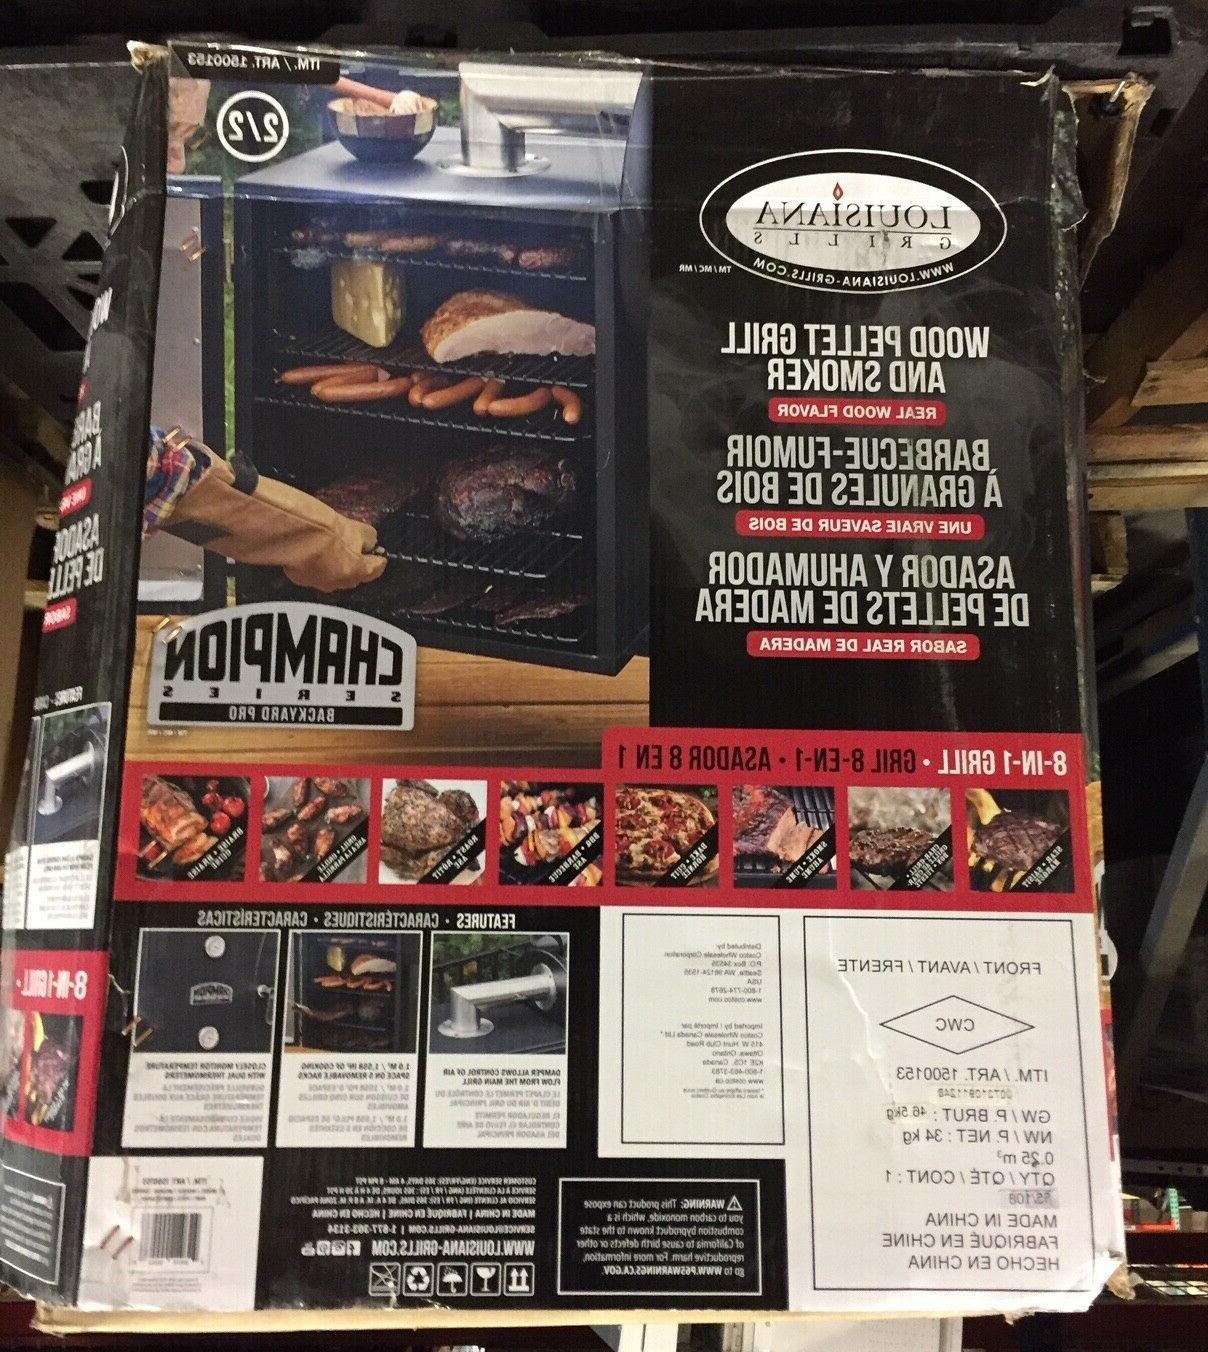 Louisiana Grills Champion Grill & Smoker 1500153